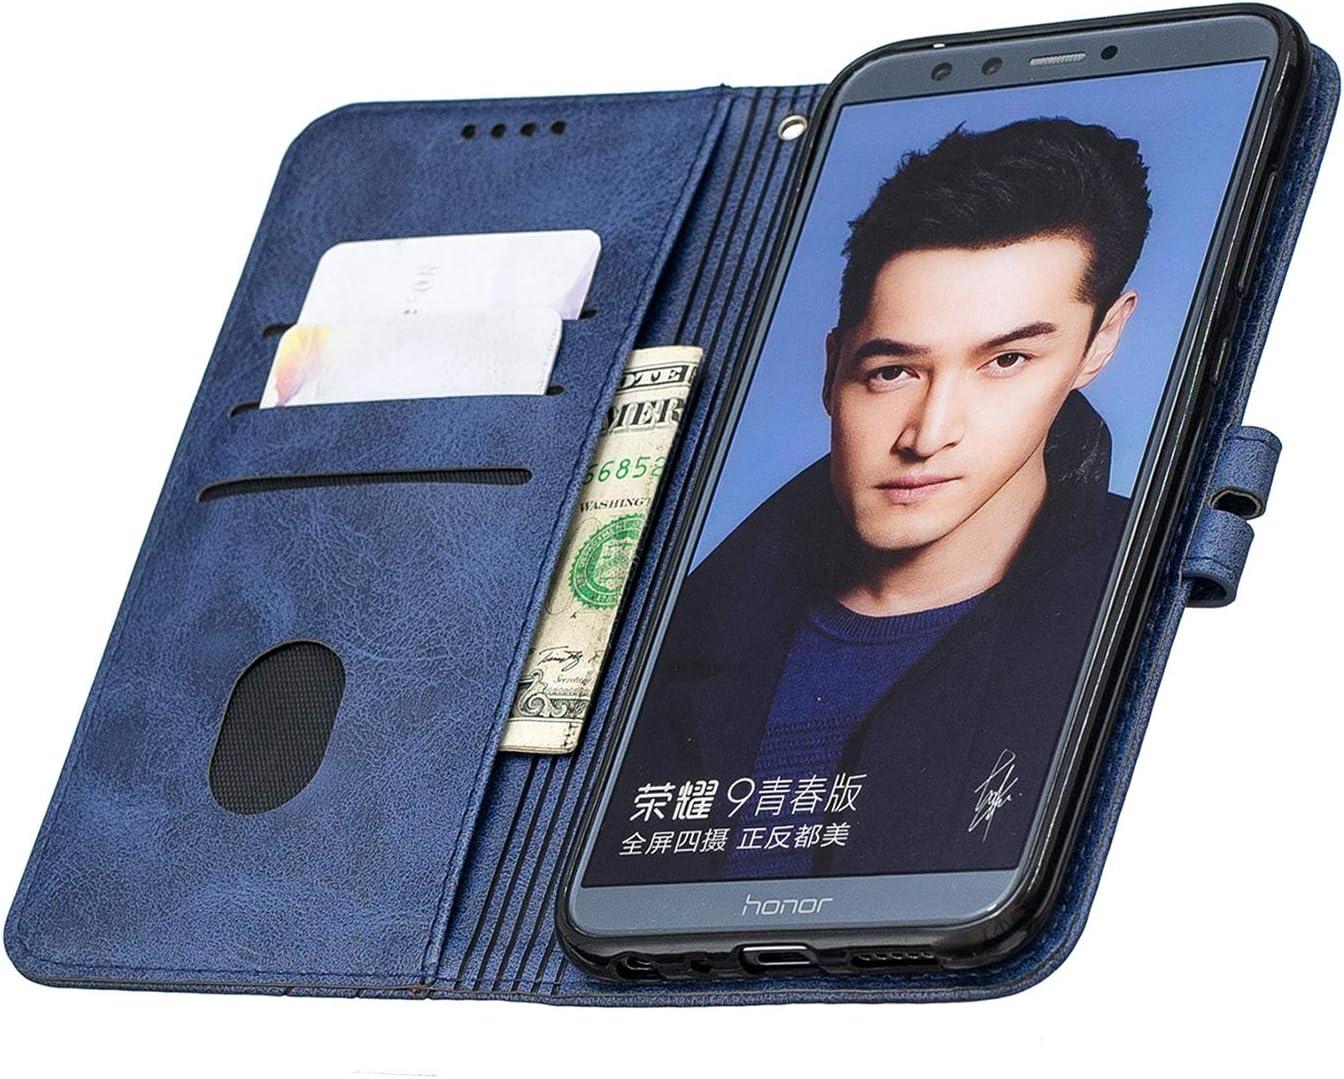 Huawei Honor 9 Lite Cover in Pelle Funzione di Stand Slot per Schede Antiurto Leather Case Cover per Huawei Honor9 Lite Docrax Custodia DOHEX120269 Blu Portafoglio